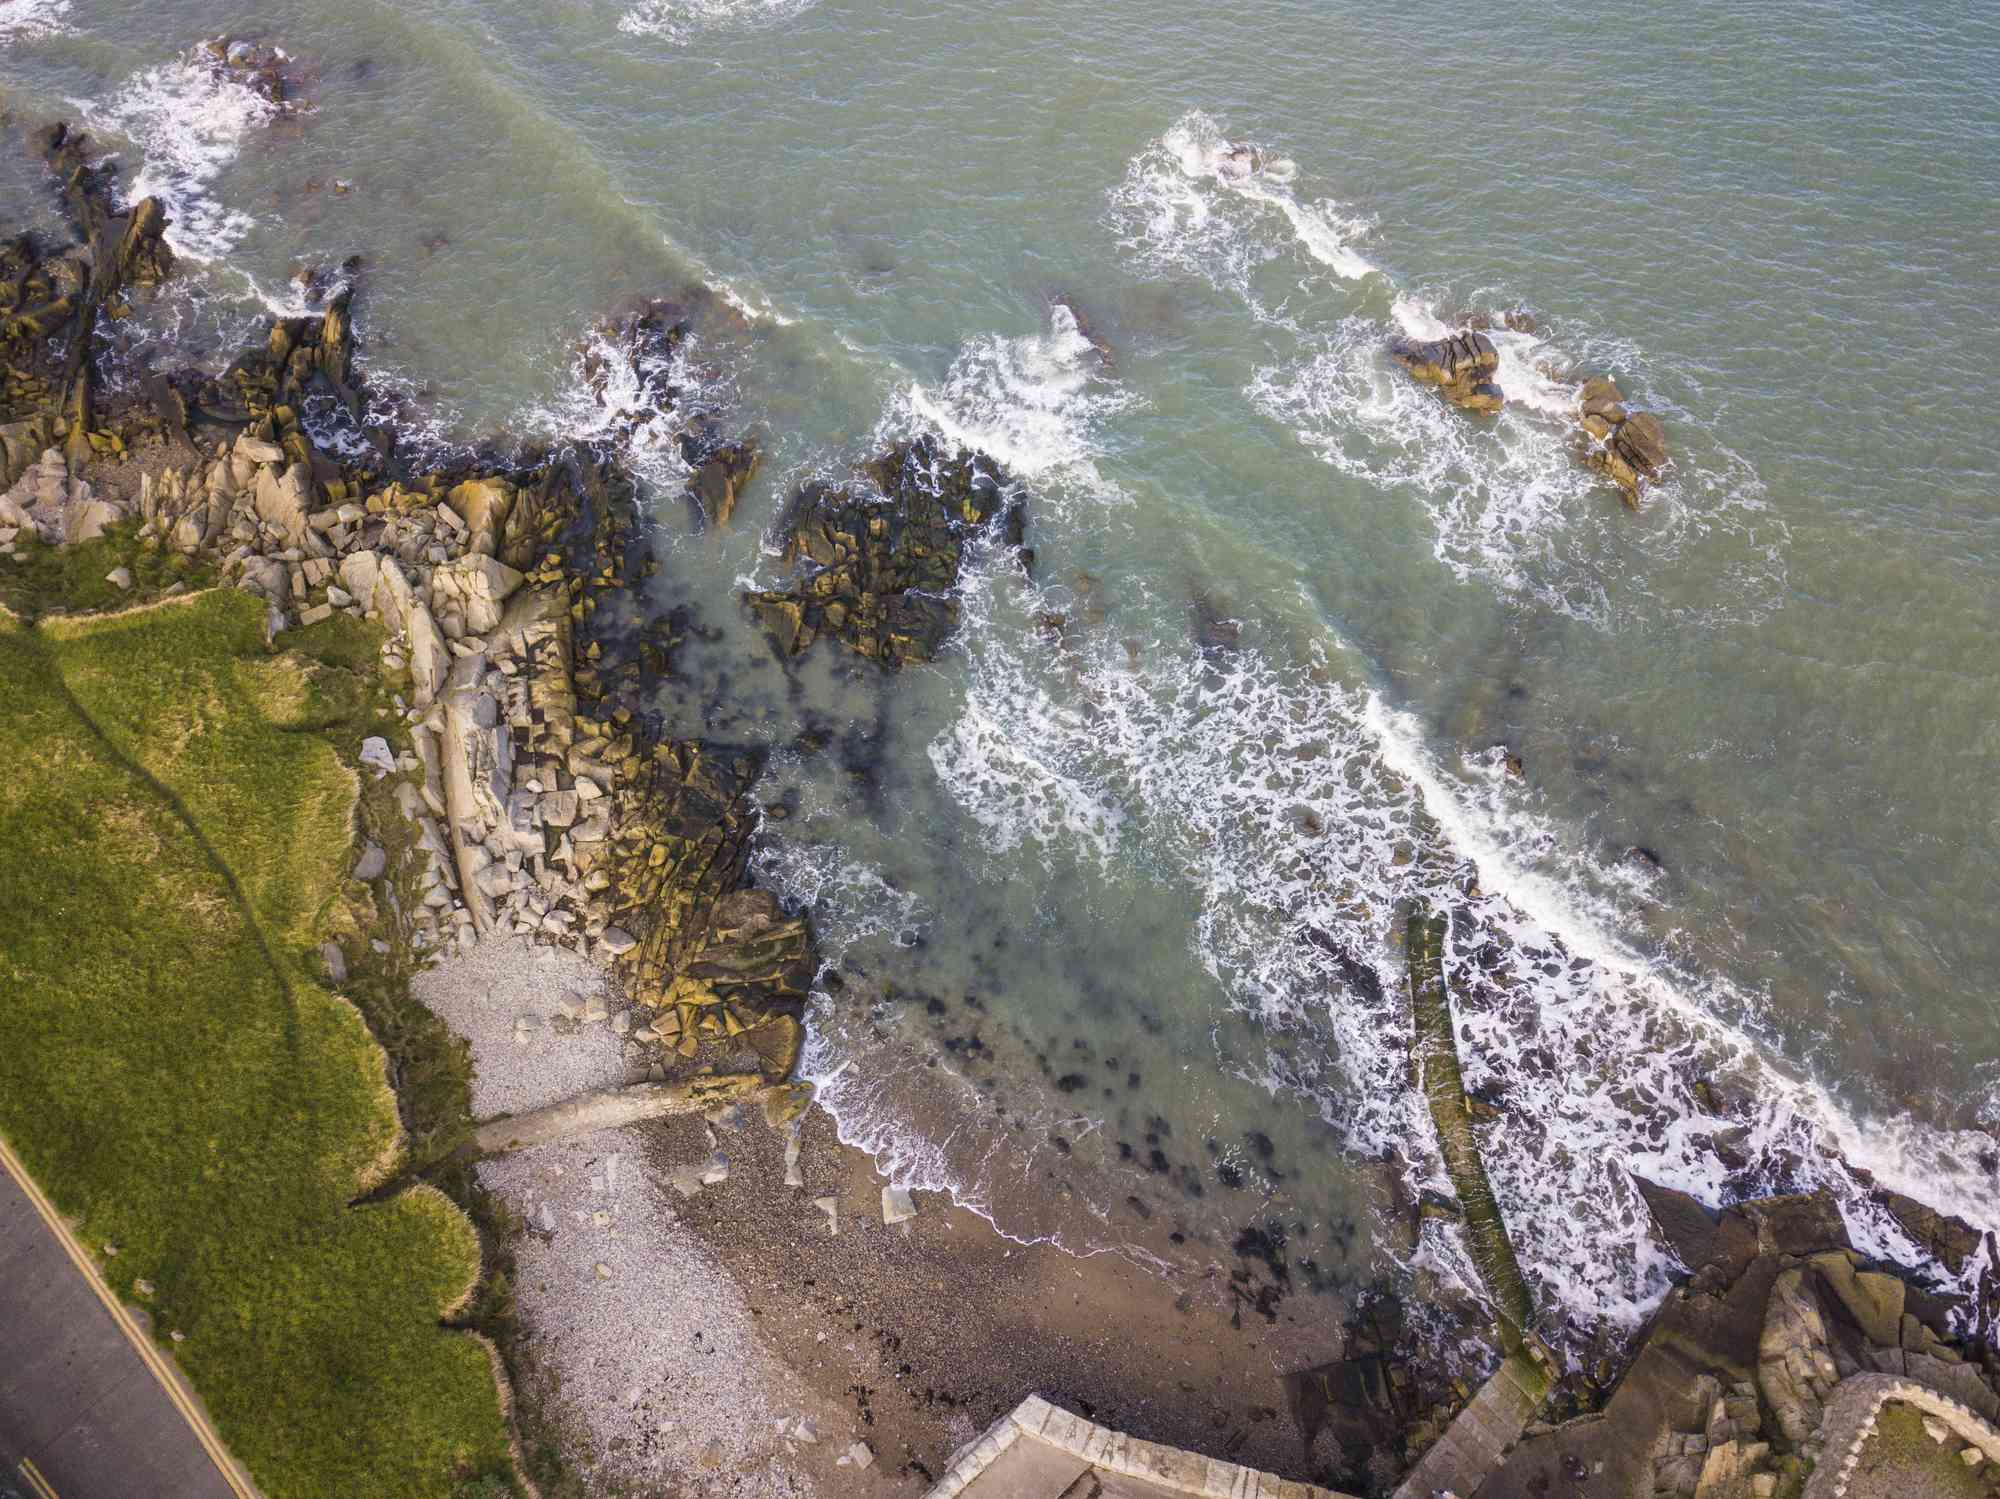 arial view of Dublin beach